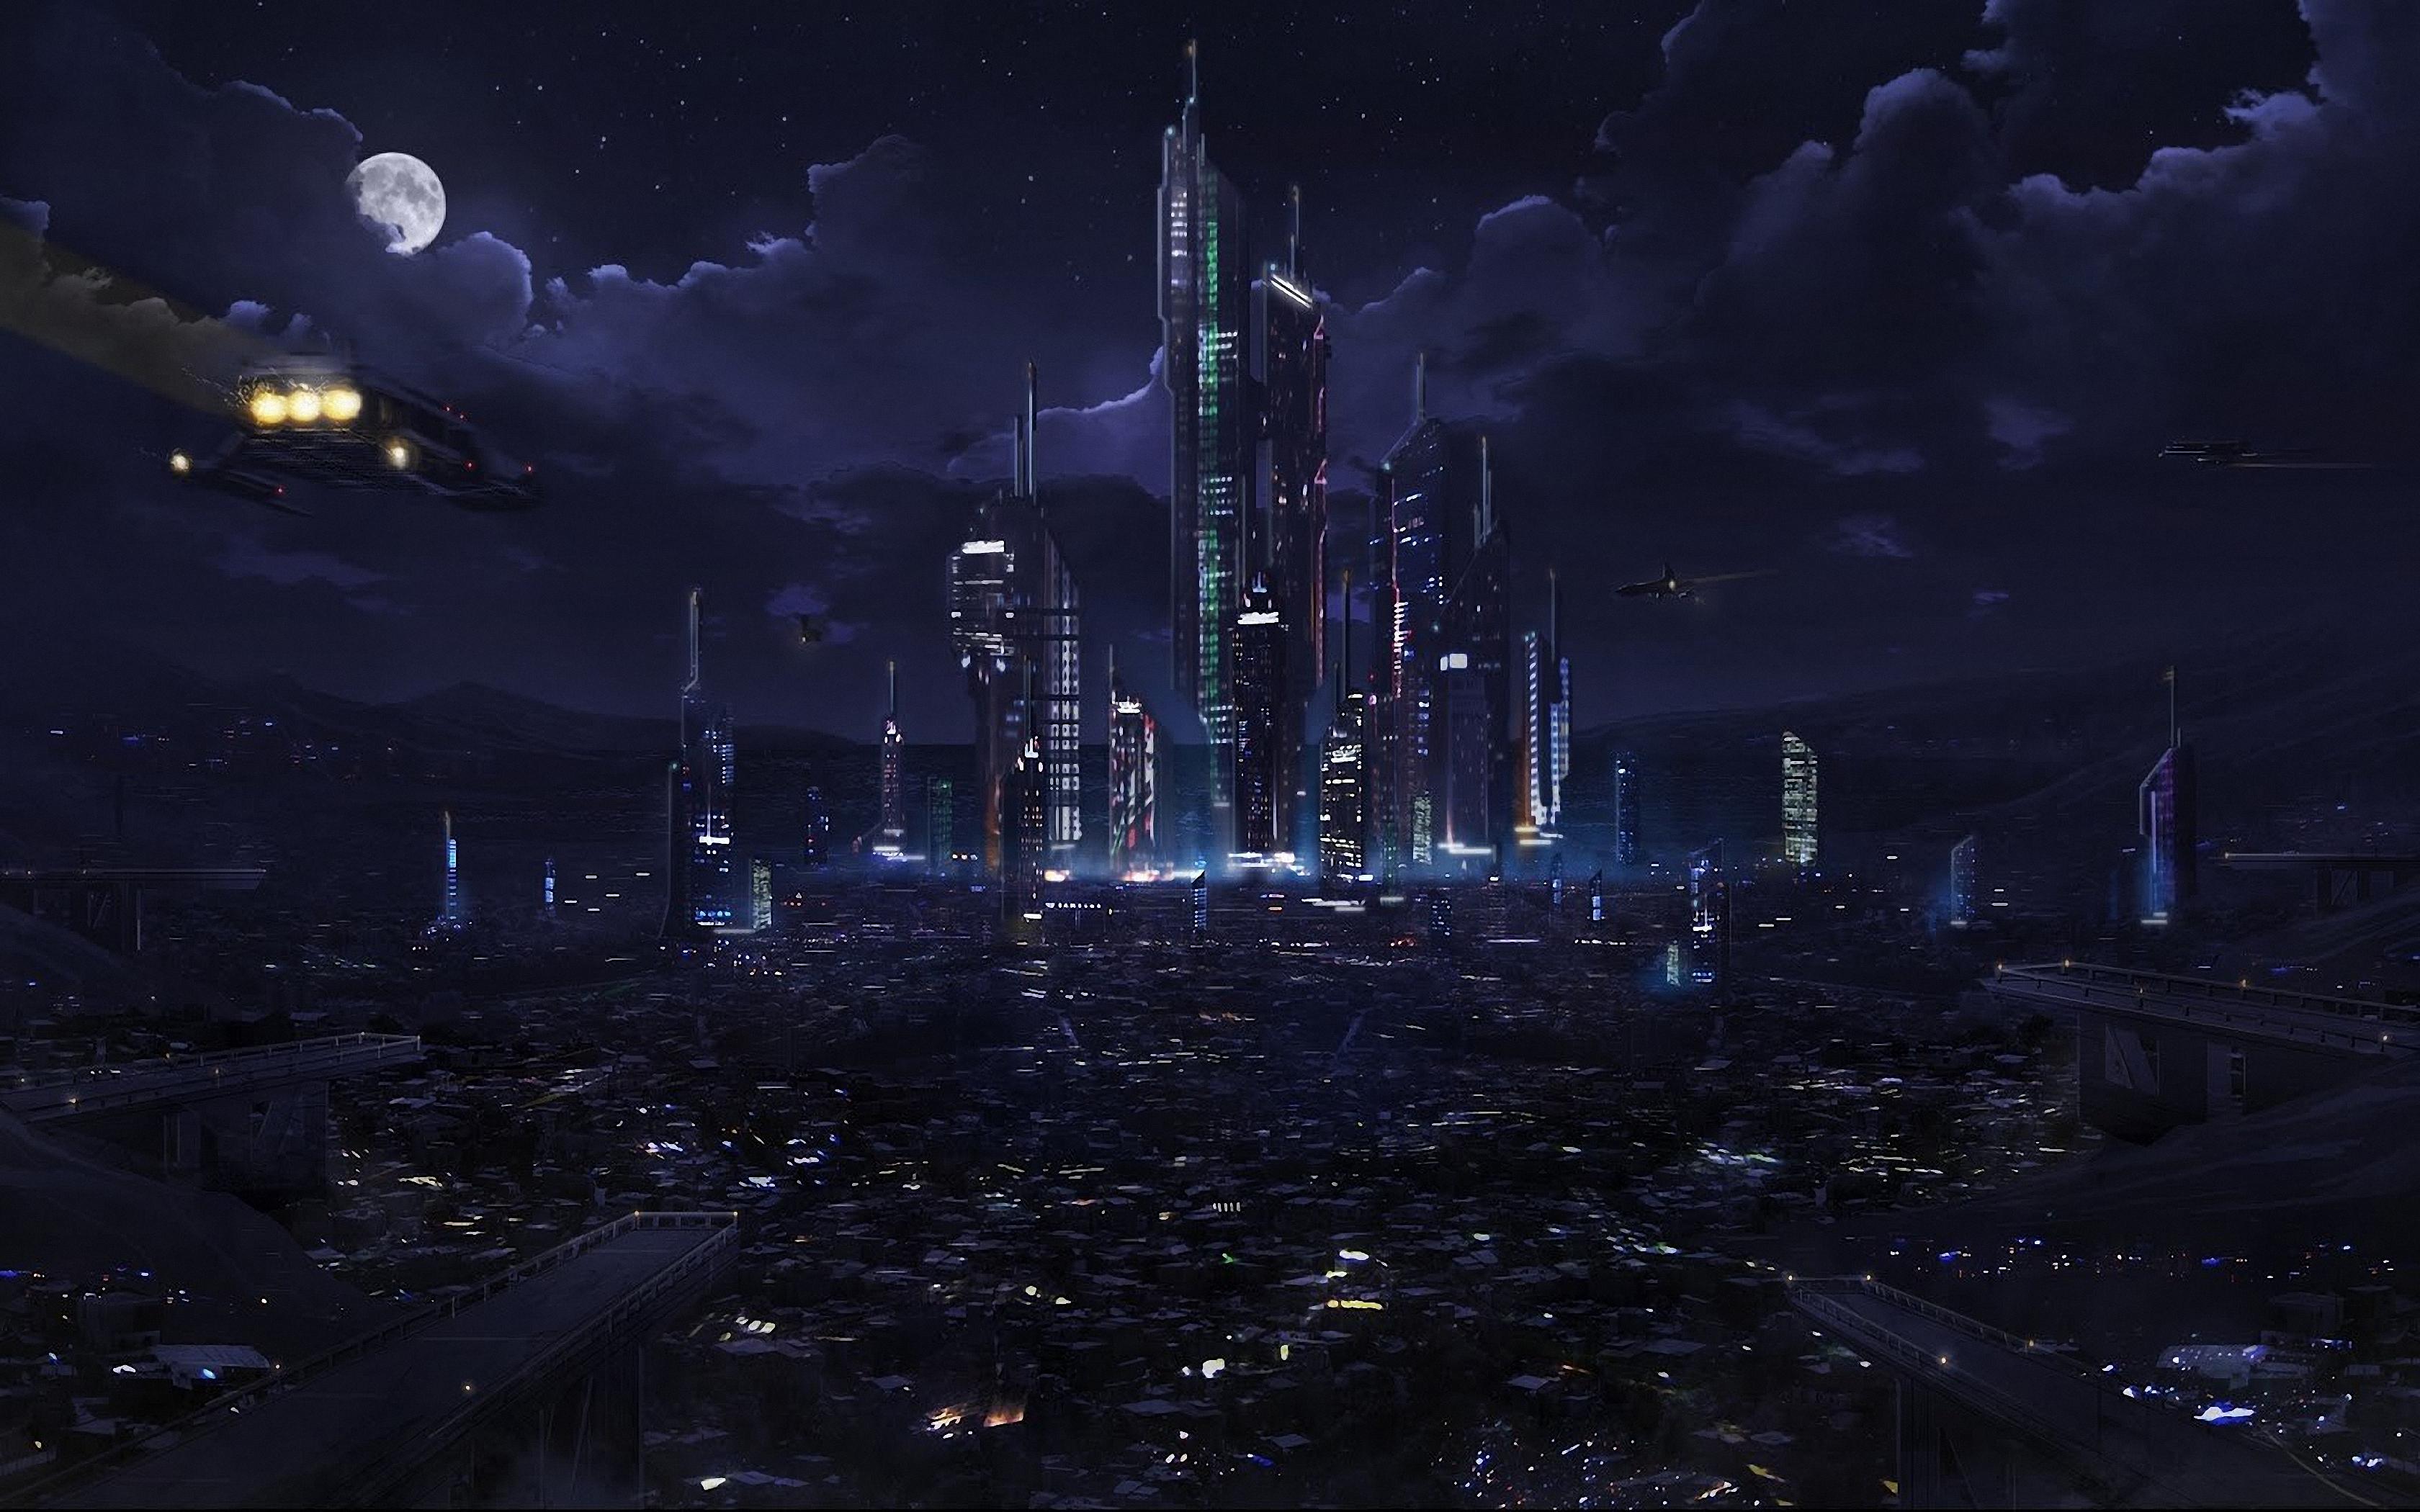 La notte sky stadio star sfondo city luce panorama